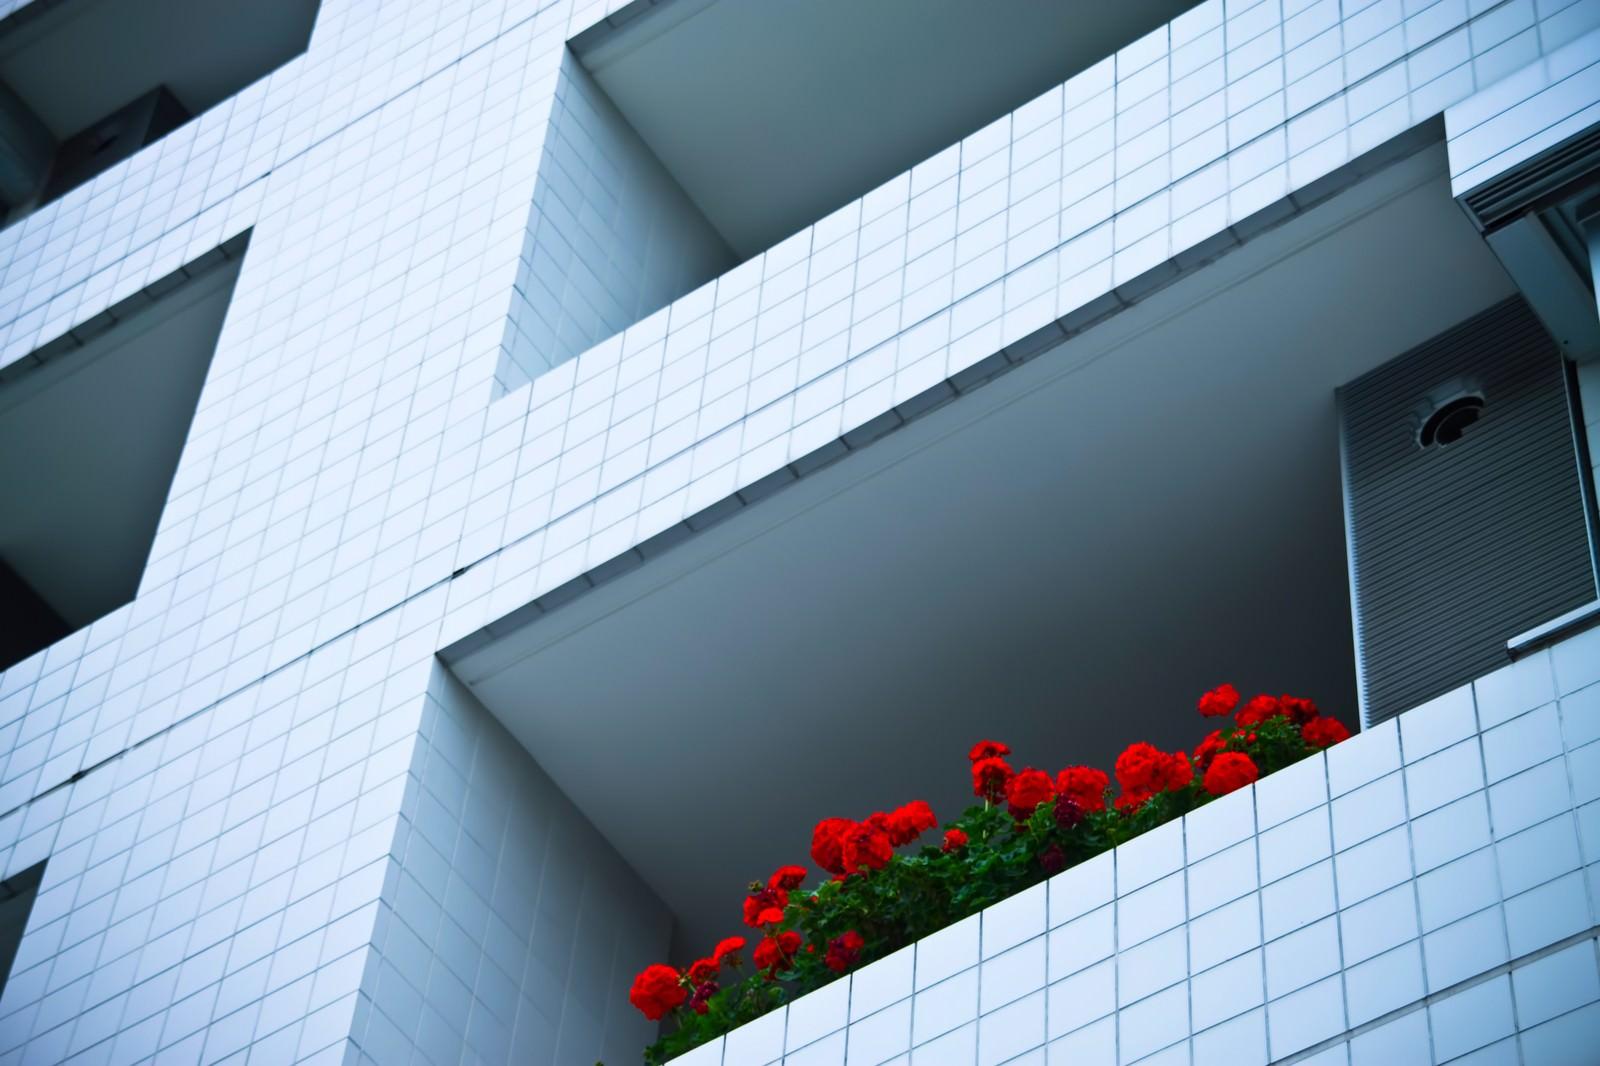 「マンションと赤い花」の写真